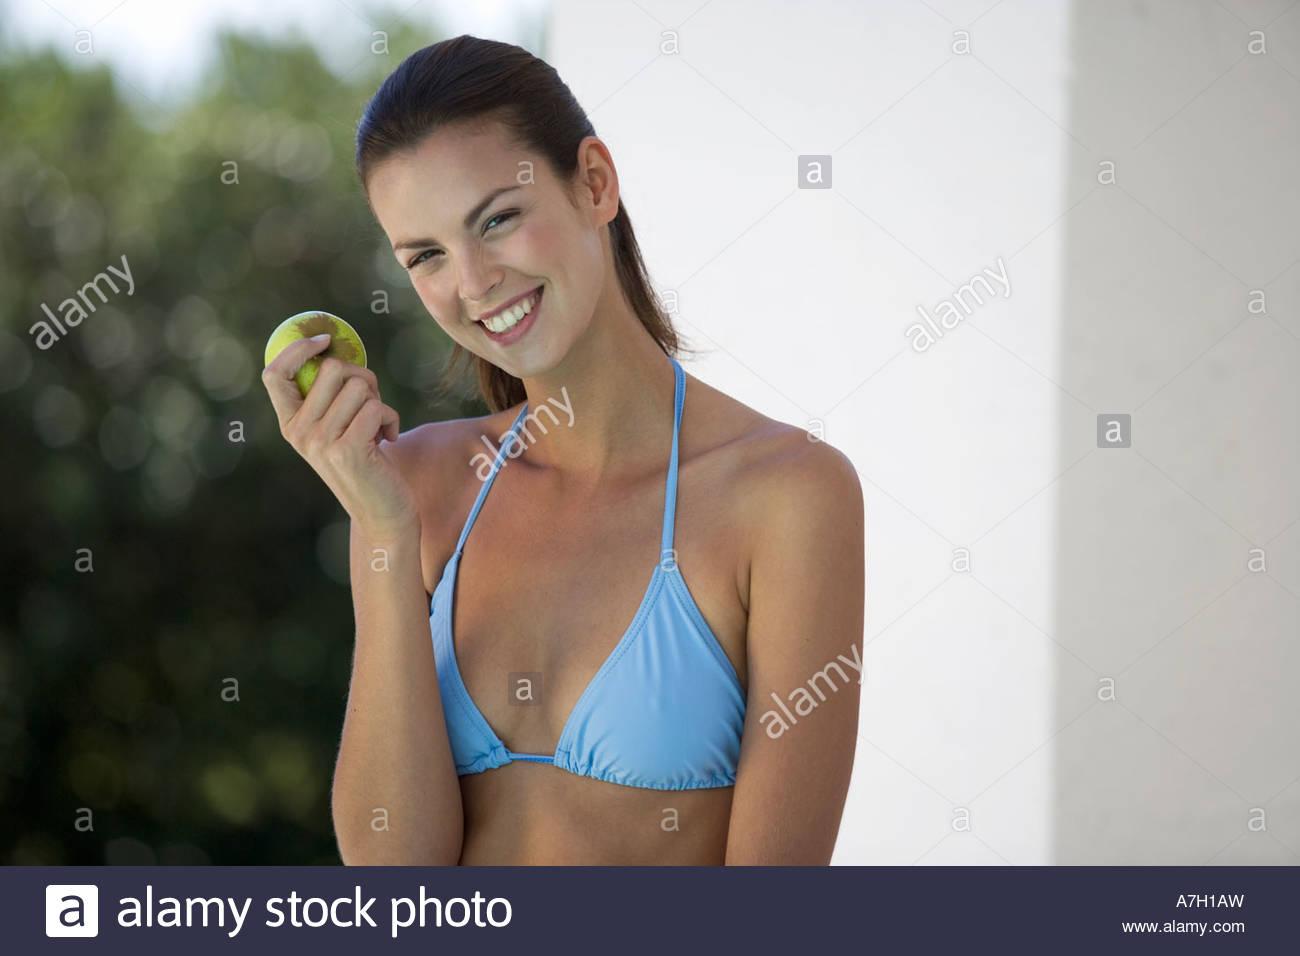 A woman in a bikini eating an apple - Stock Image